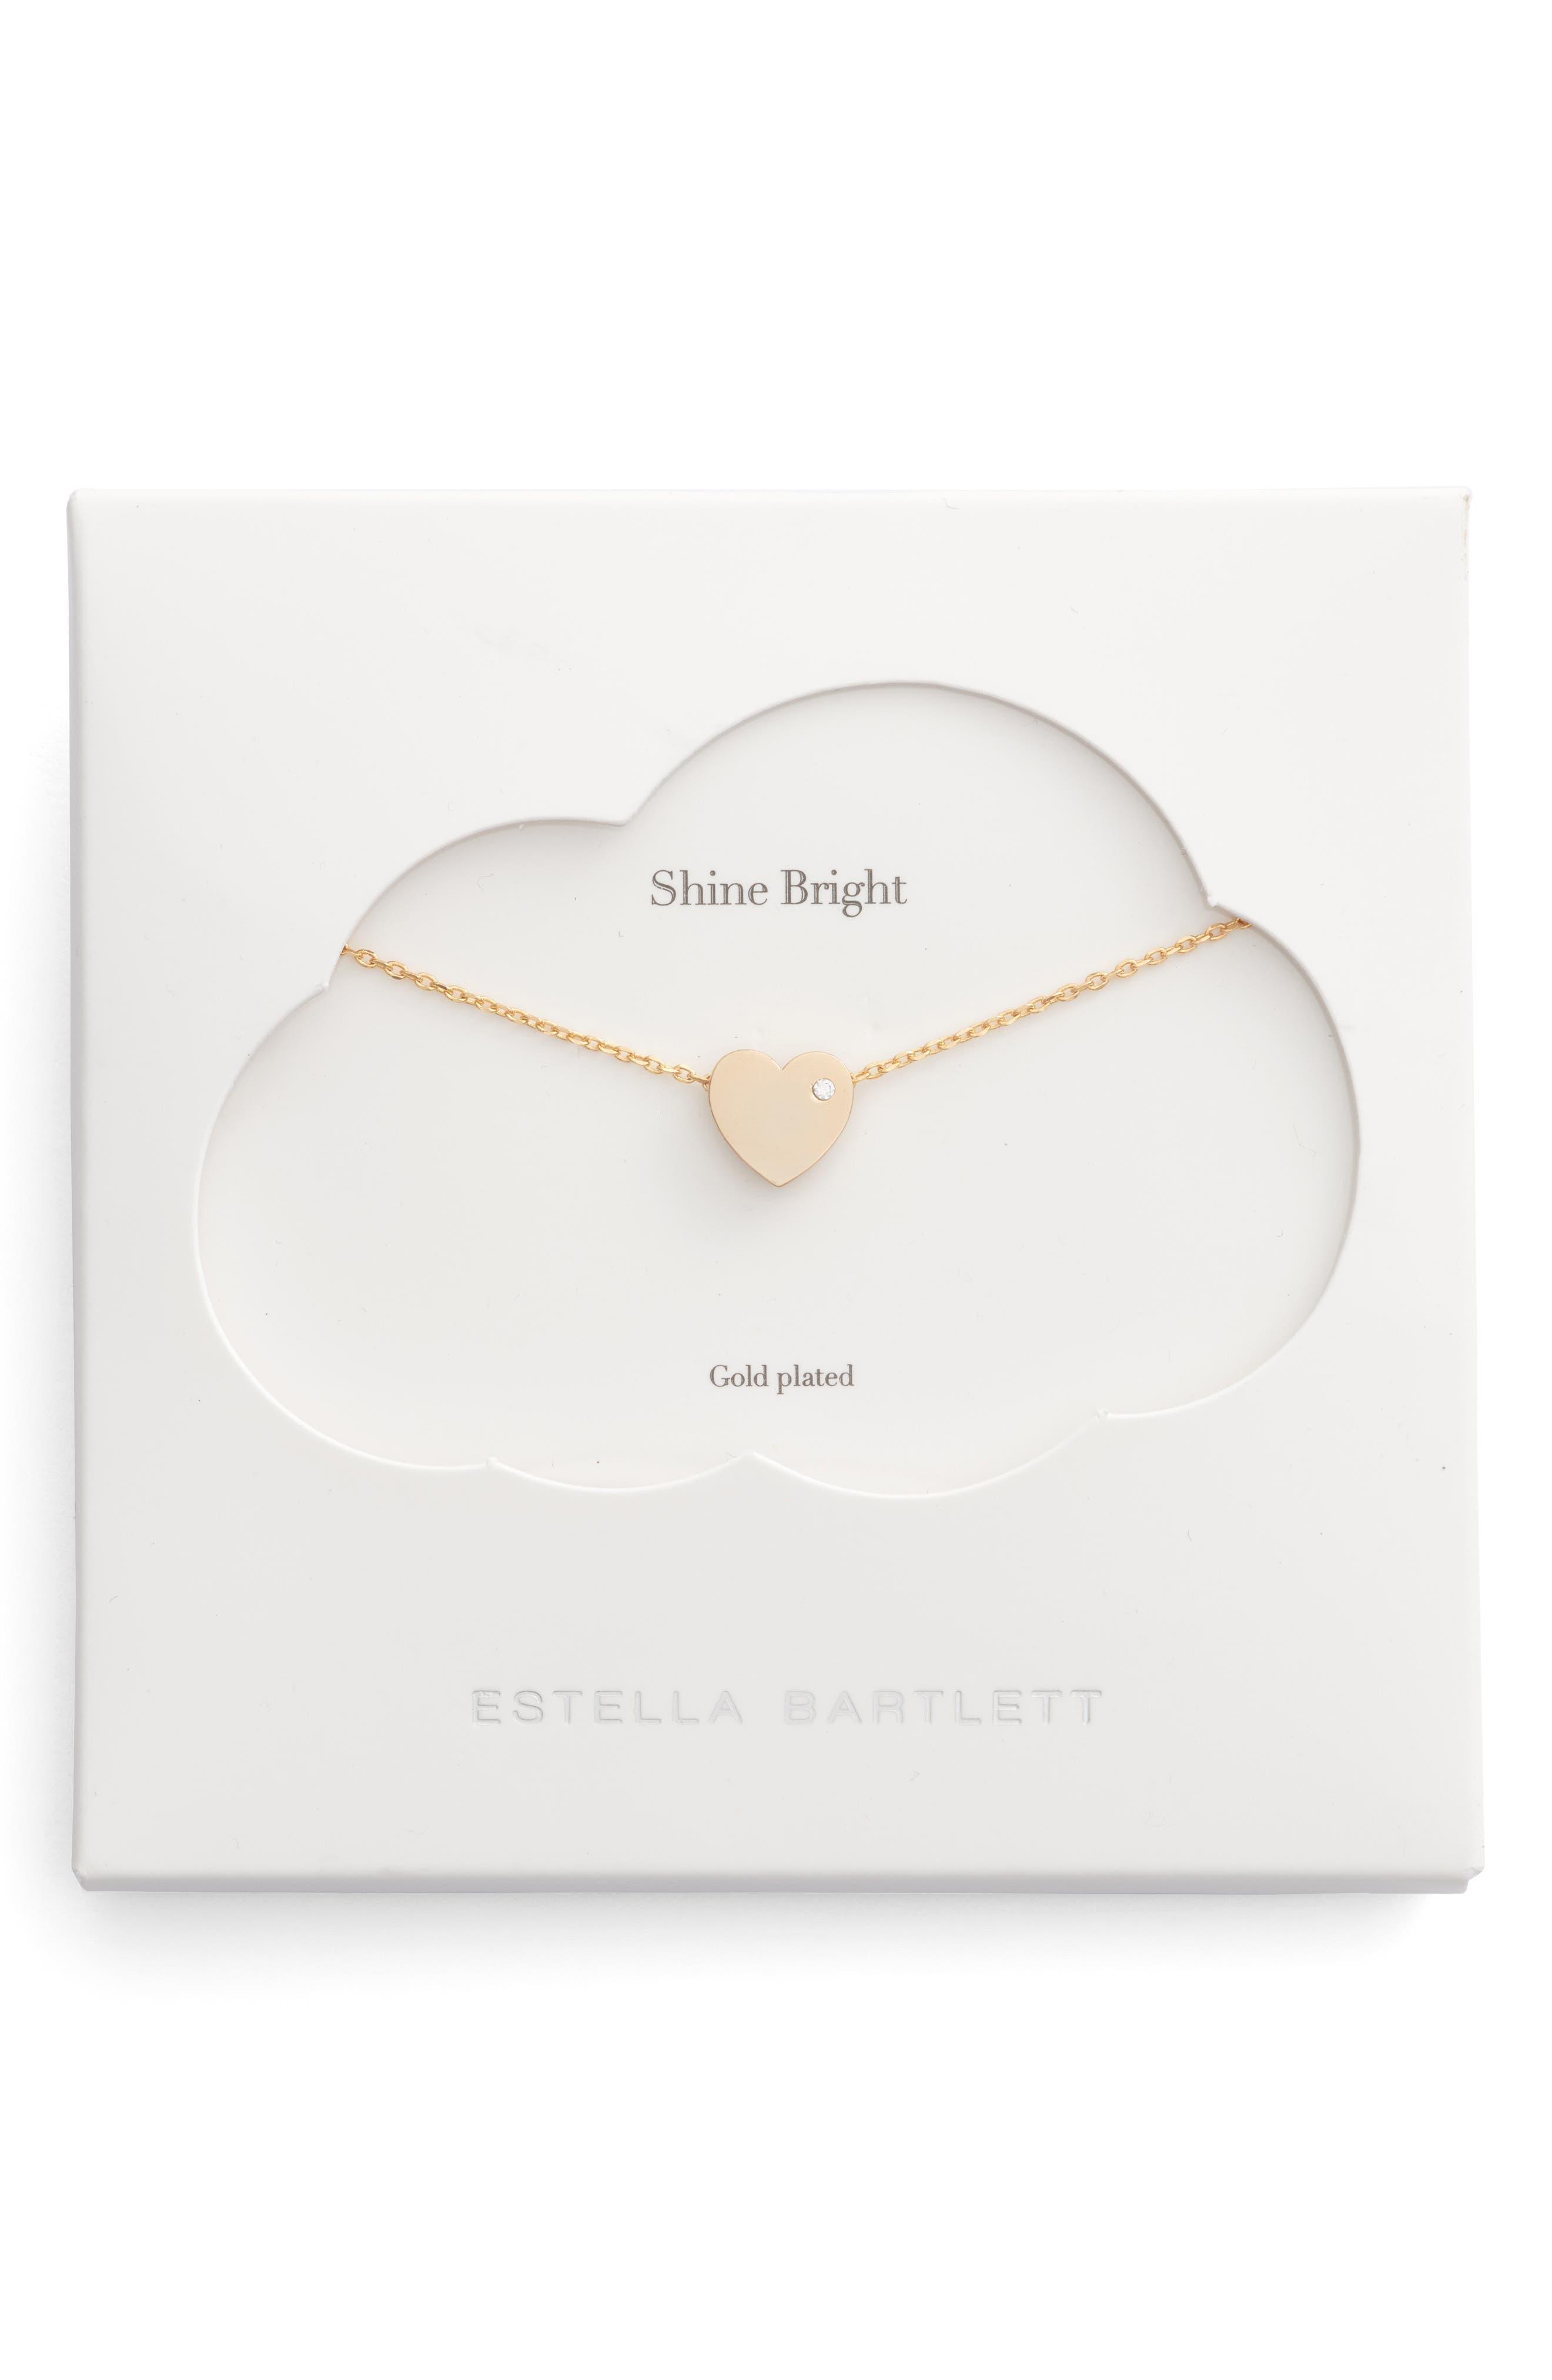 Main Image - Estella Bartlett Shine Bright Heart Necklace